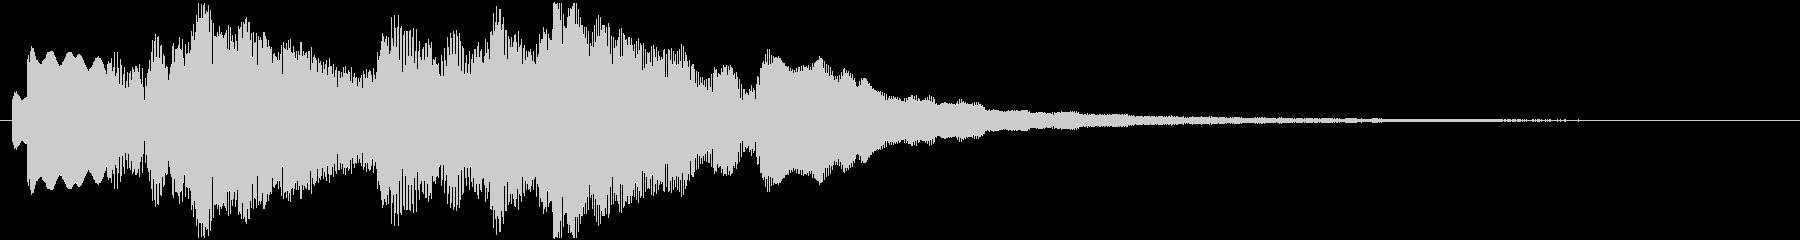 ジングル用途に制作しました。エレピです…の未再生の波形